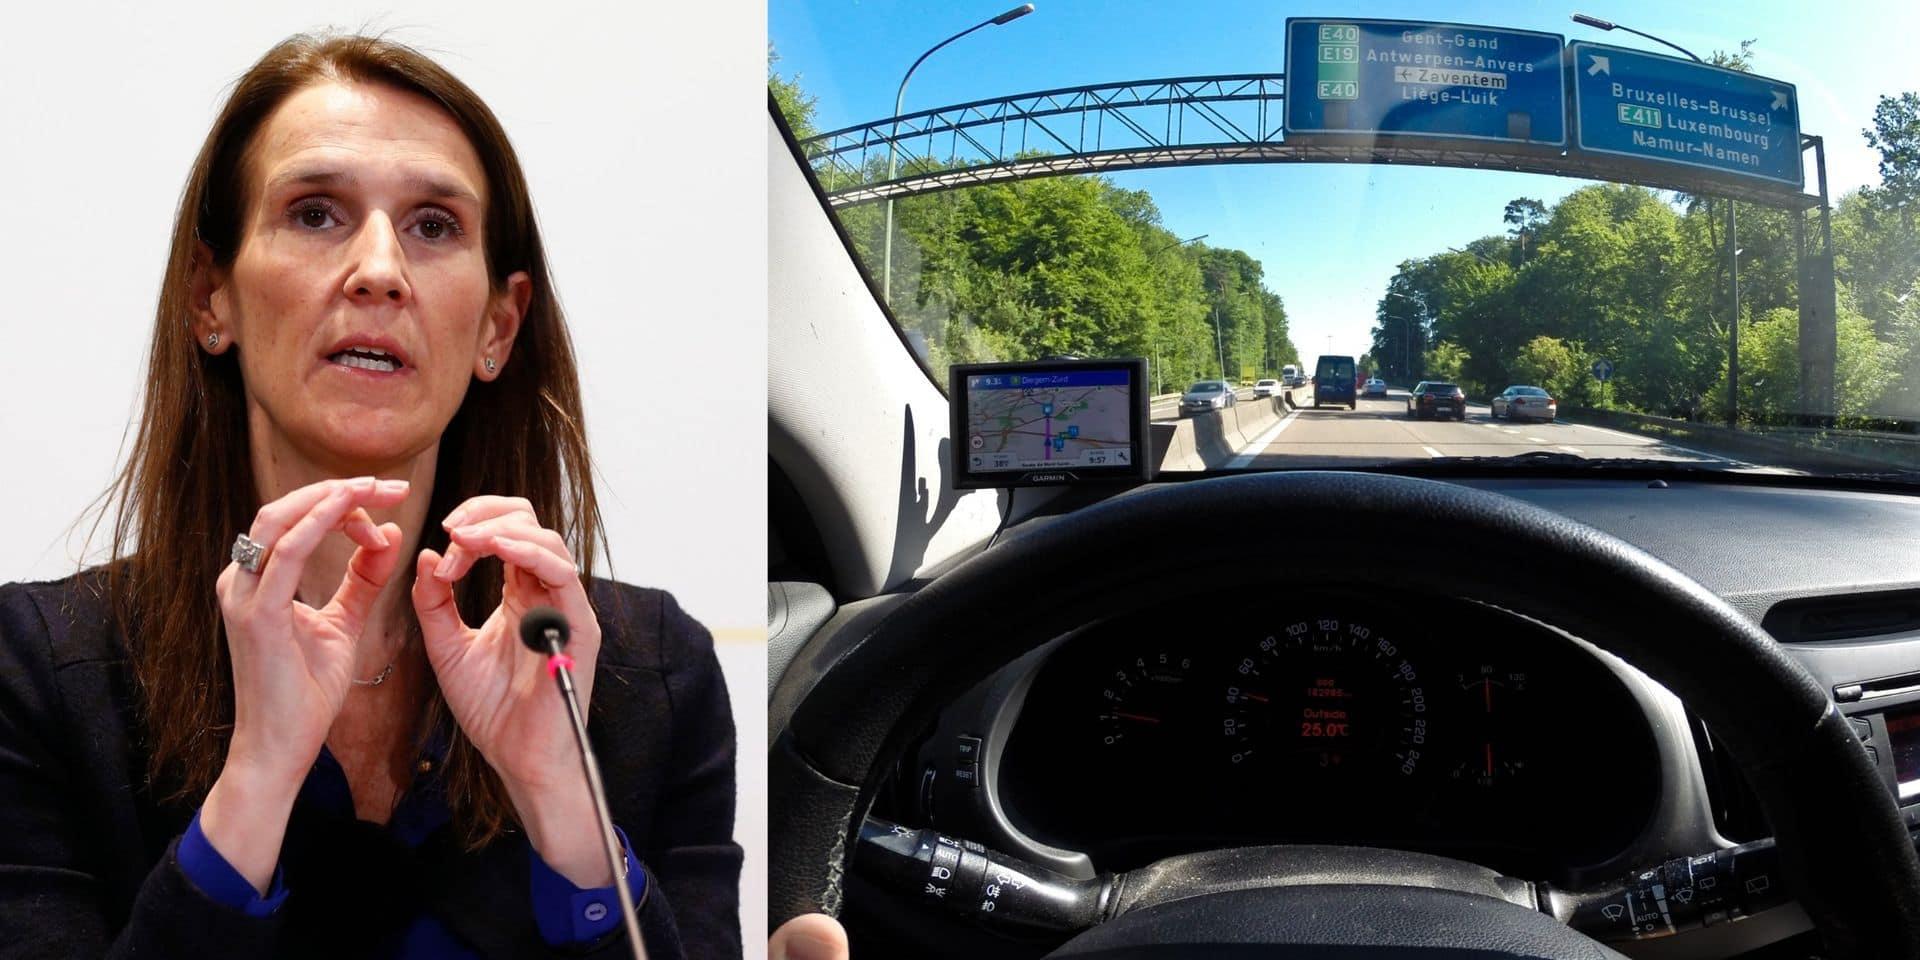 Les automobilistes n'ont pas attendu Sophie Wilmès pour se déconfiner